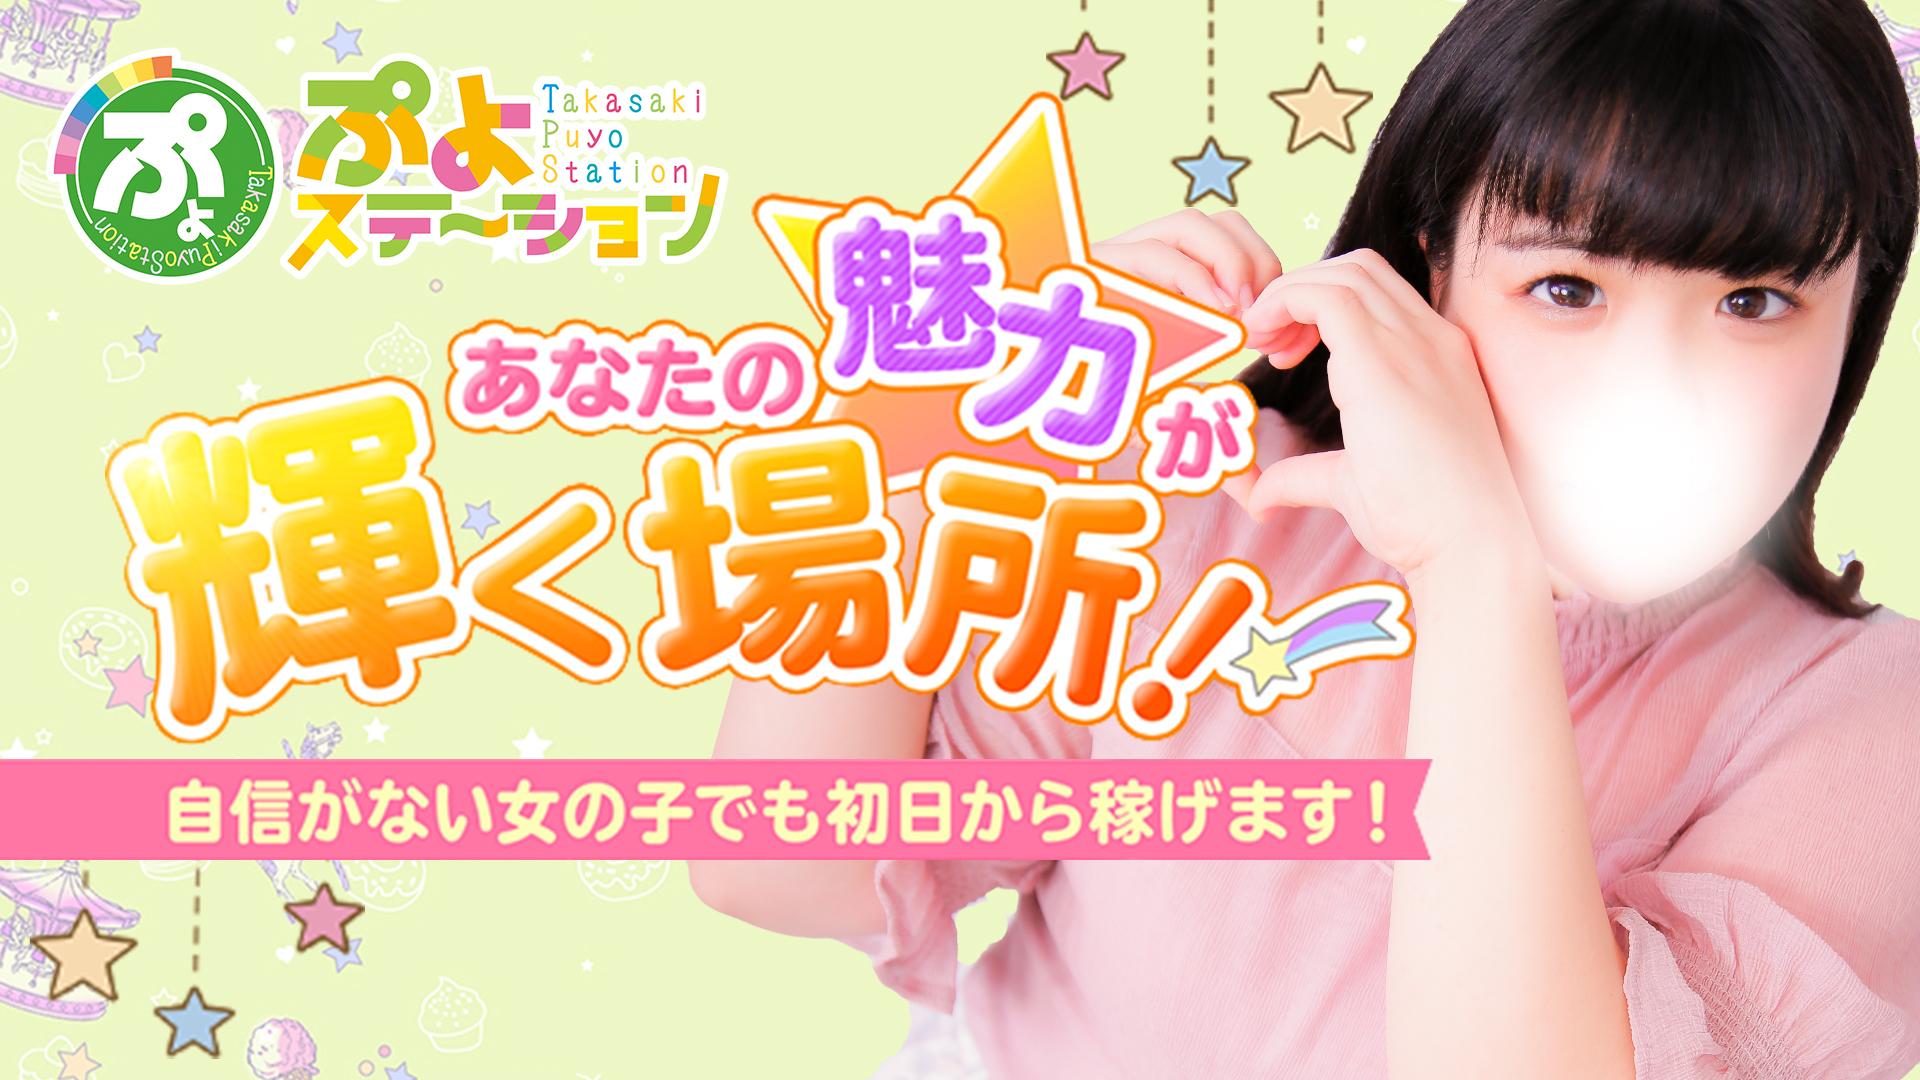 ぷよステーション 高崎店の求人画像